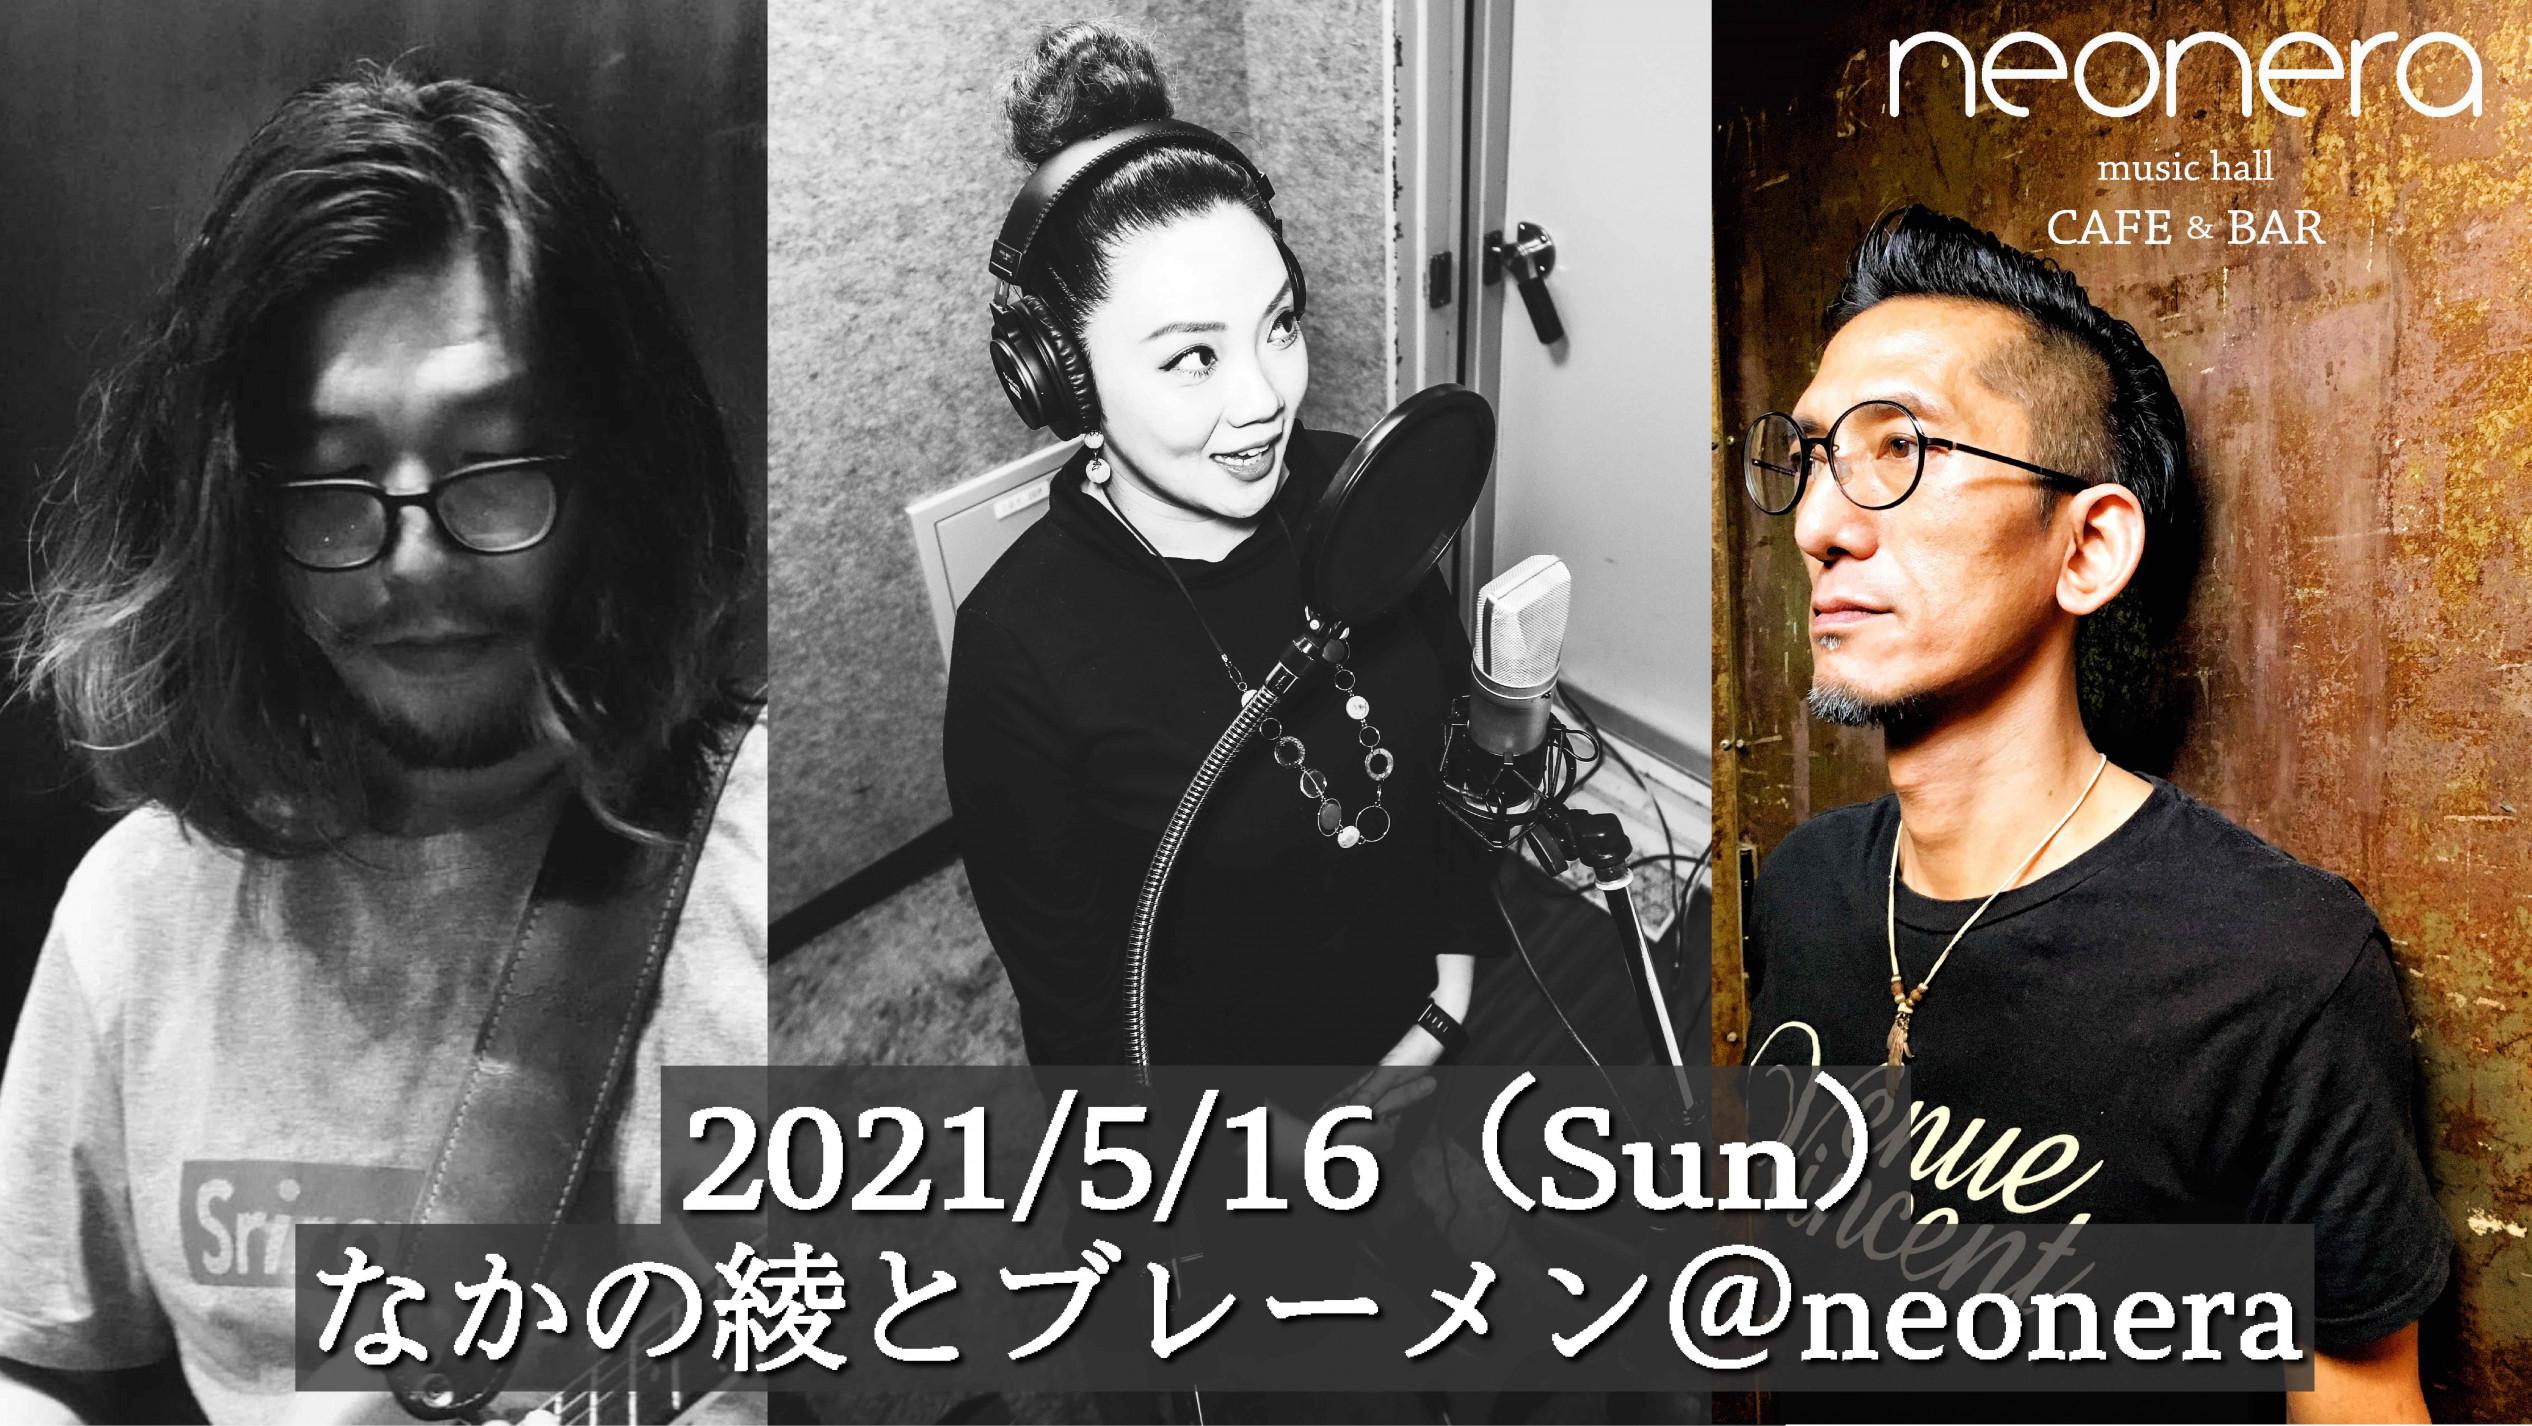 5月16日(日)なかの綾とブレーメン@neonera